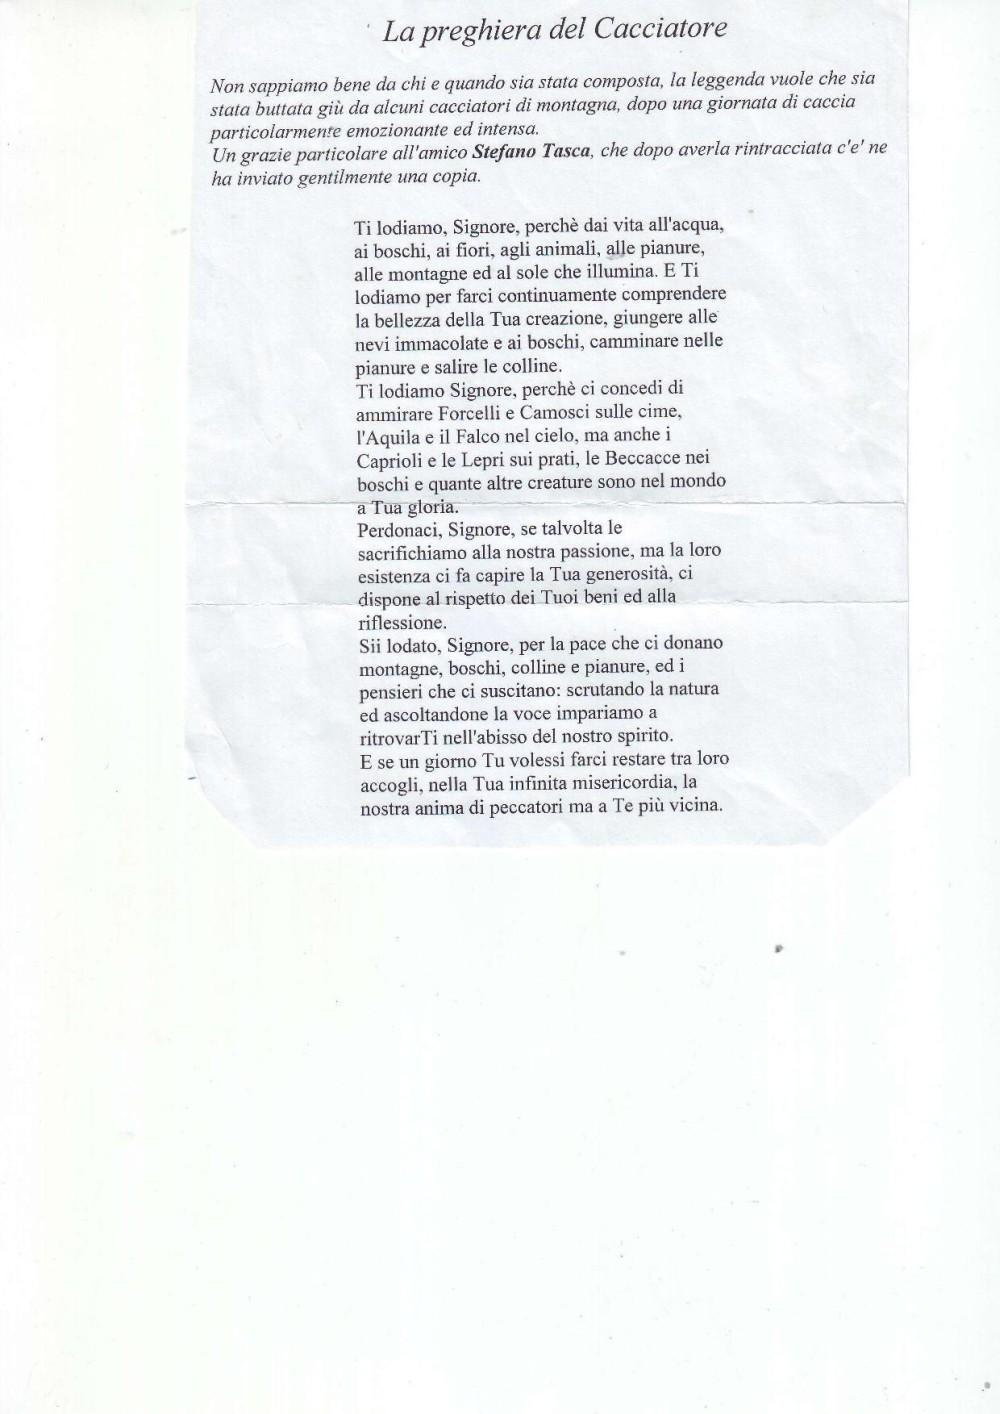 Preghiera del cacciatore, pagina 2